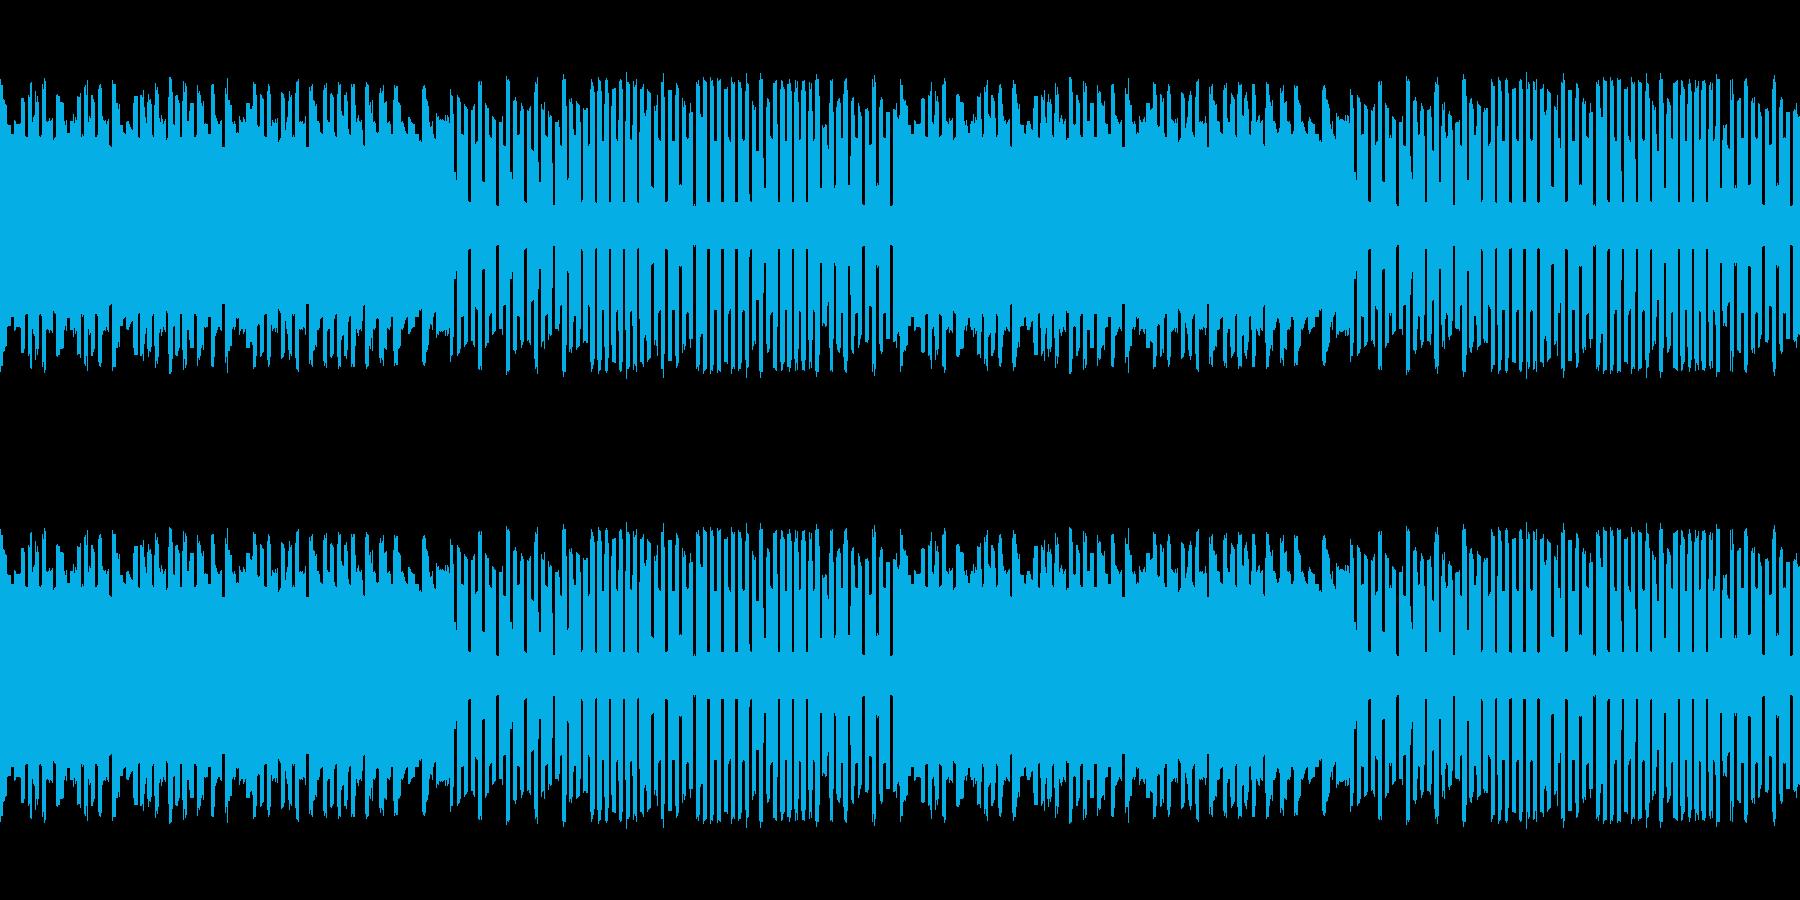 パズルゲームにぴったりなチップチューンの再生済みの波形